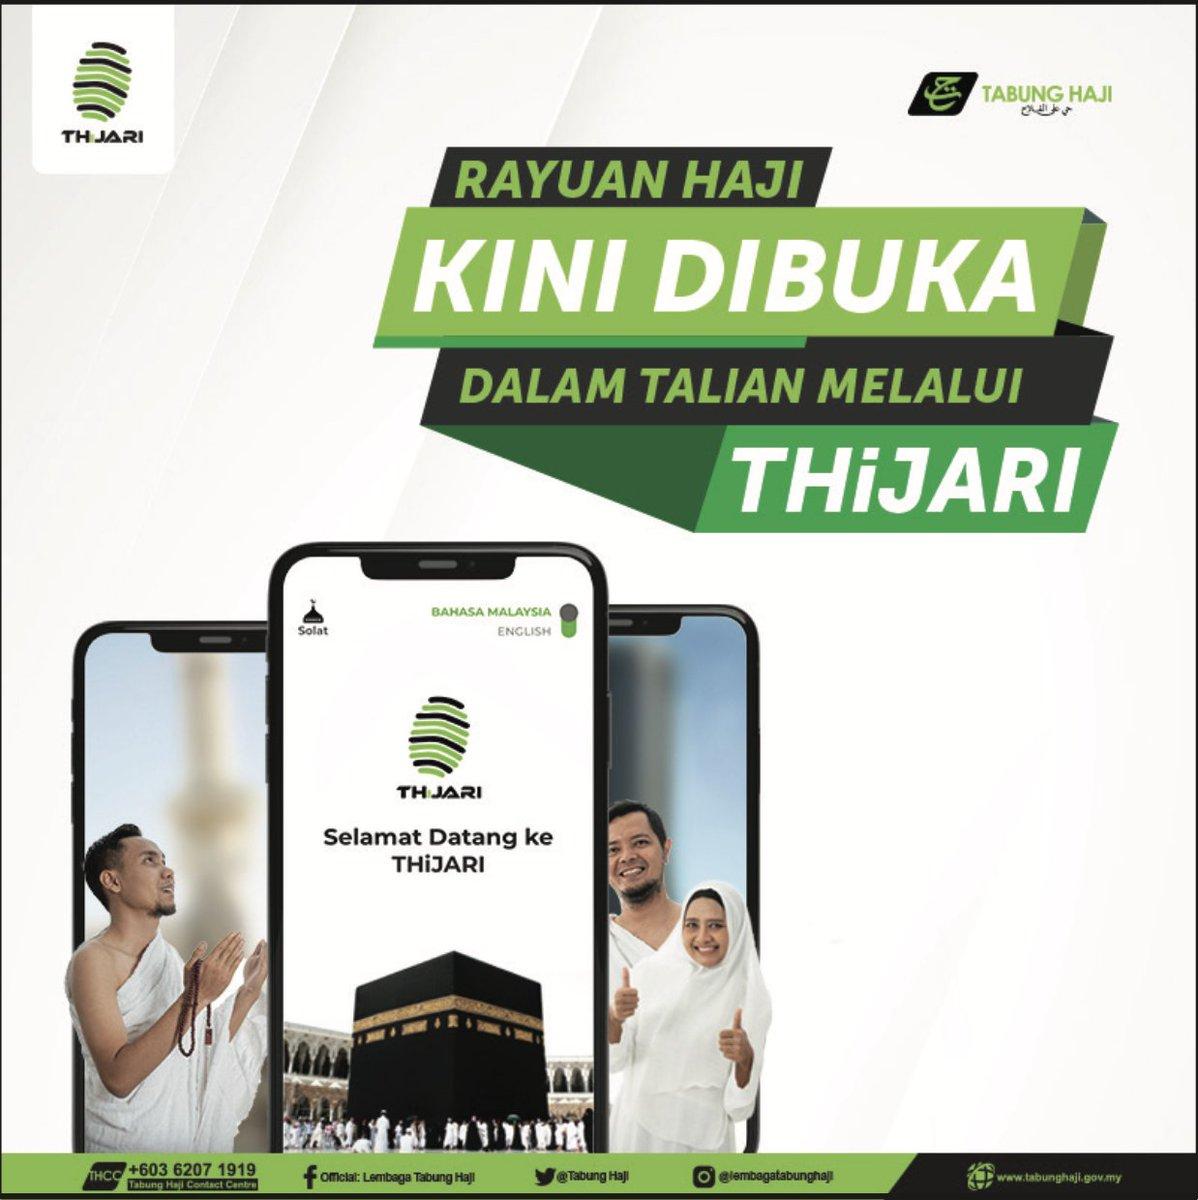 Alhamdulillah, Rayuan Haji KINI DIBUKA dalam talian melalui THiJARI! Muat turun aplikasi THiJARI melalui: Apple App Store: https://t.co/6u6cUj9WgN Google Play Store: https://t.co/sAXUNBwH13…  #tabunghaji #THiJARI #THdijari #RayuanHaji https://t.co/oHMHYMRWnn